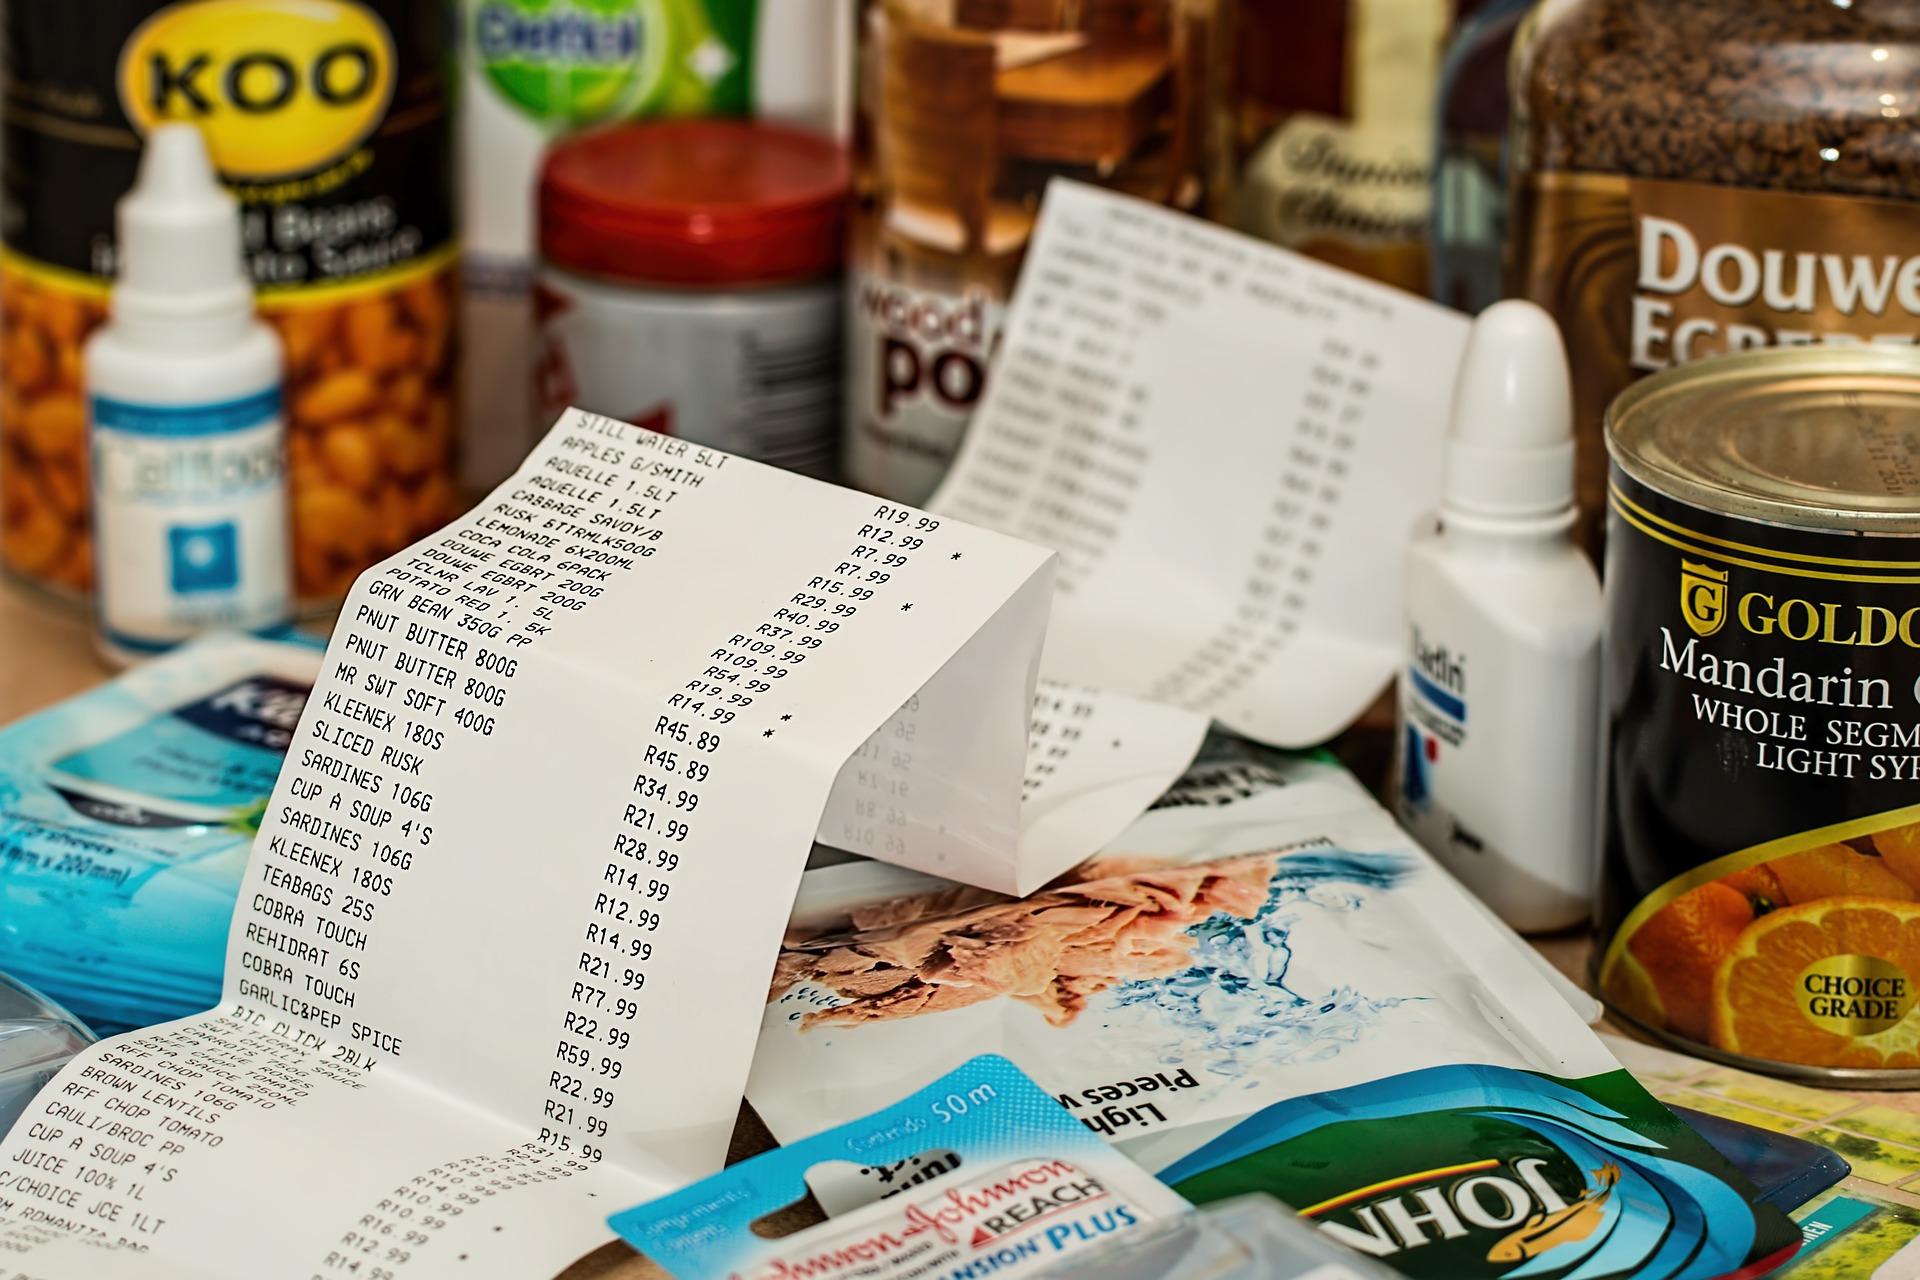 ¿Qué nos lleva a comprar en exceso?